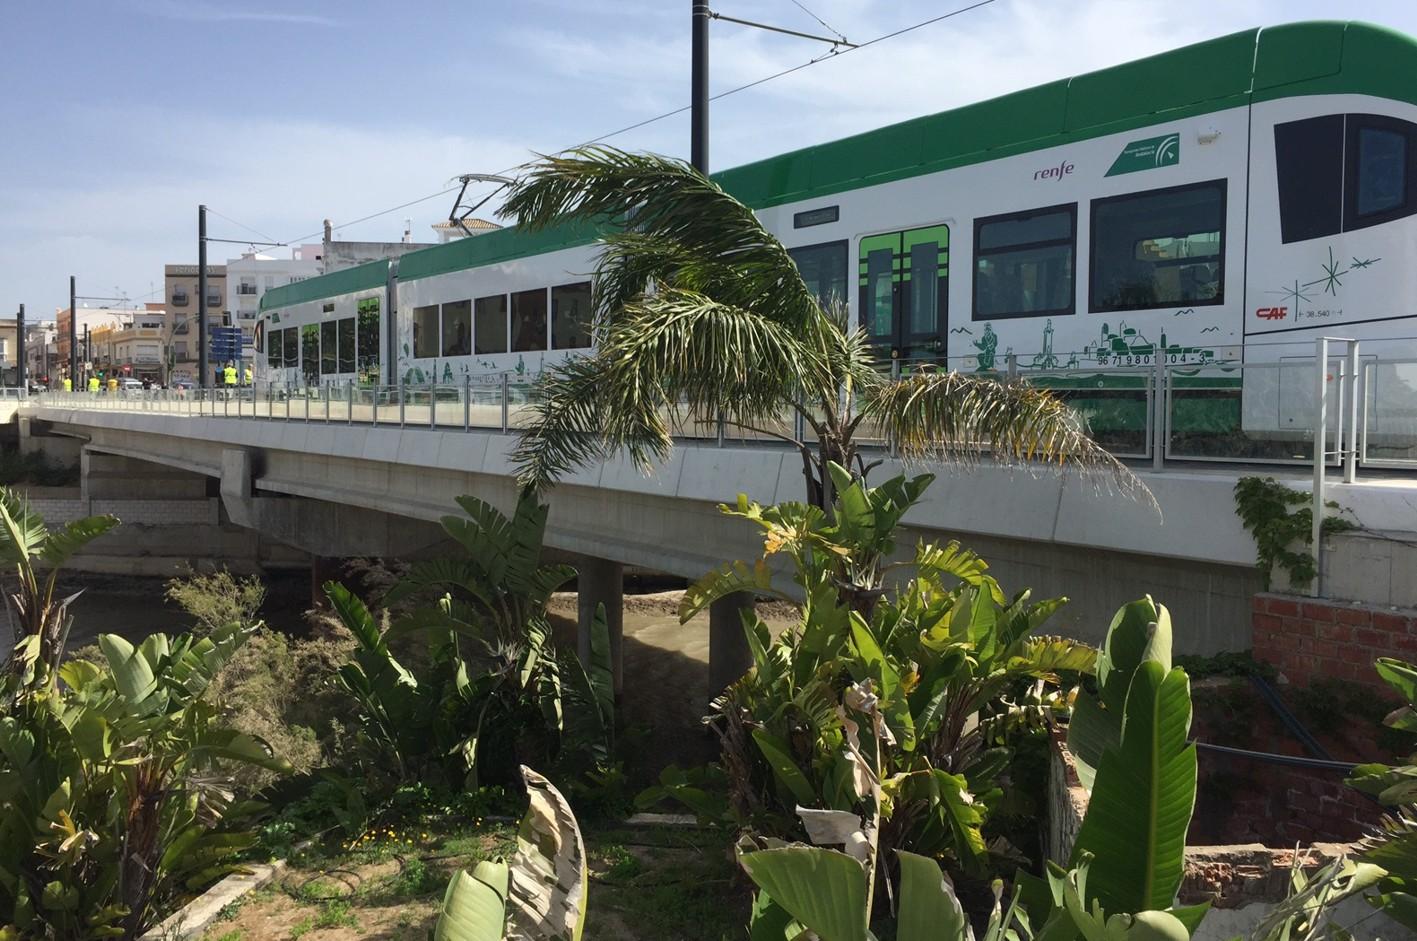 El tranvía d ela Bahía en pruebas, a su paso por Chiclana.